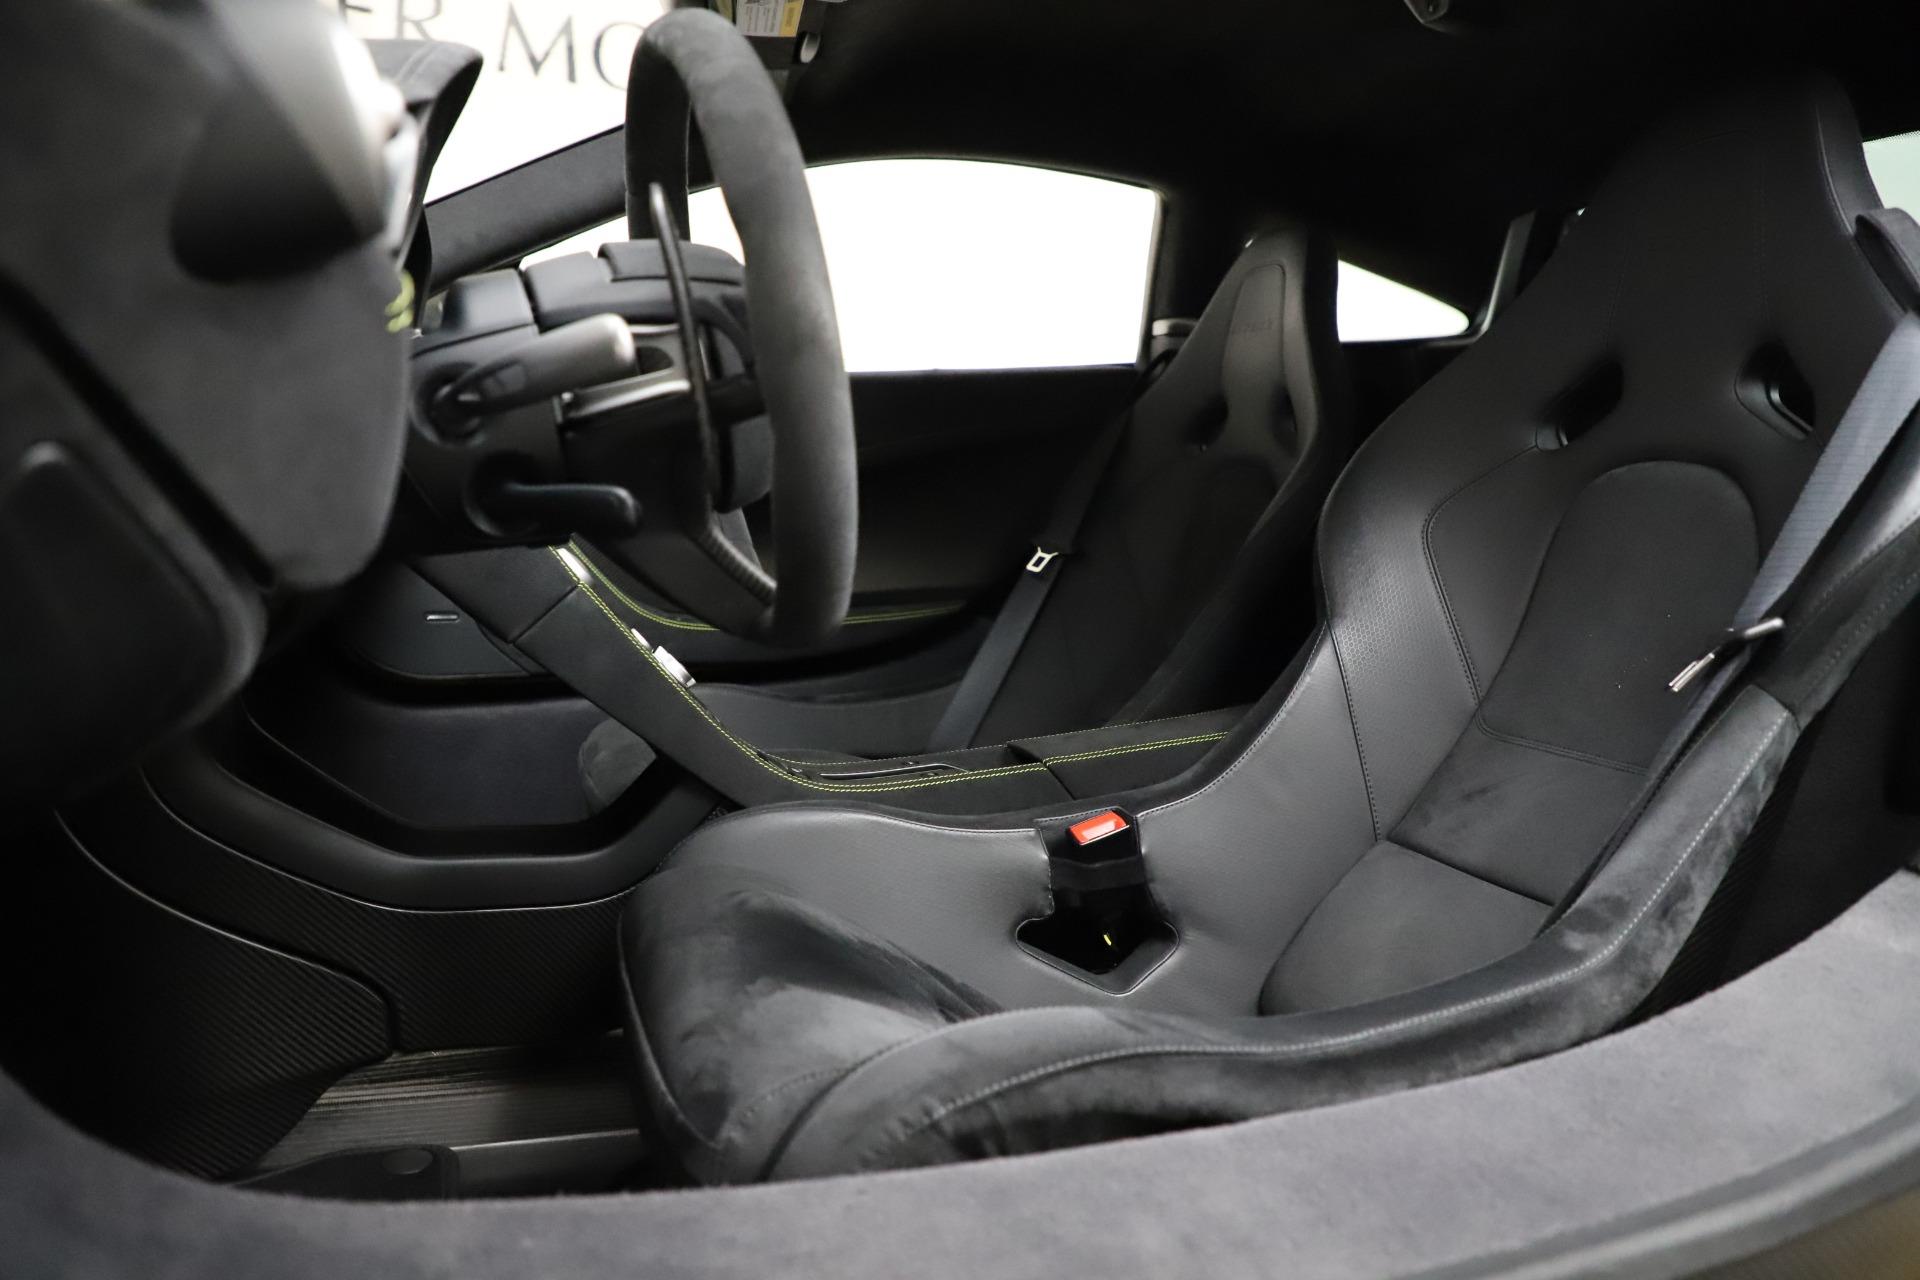 Used 2016 McLaren 675LT Coupe For Sale In Westport, CT 1916_p17